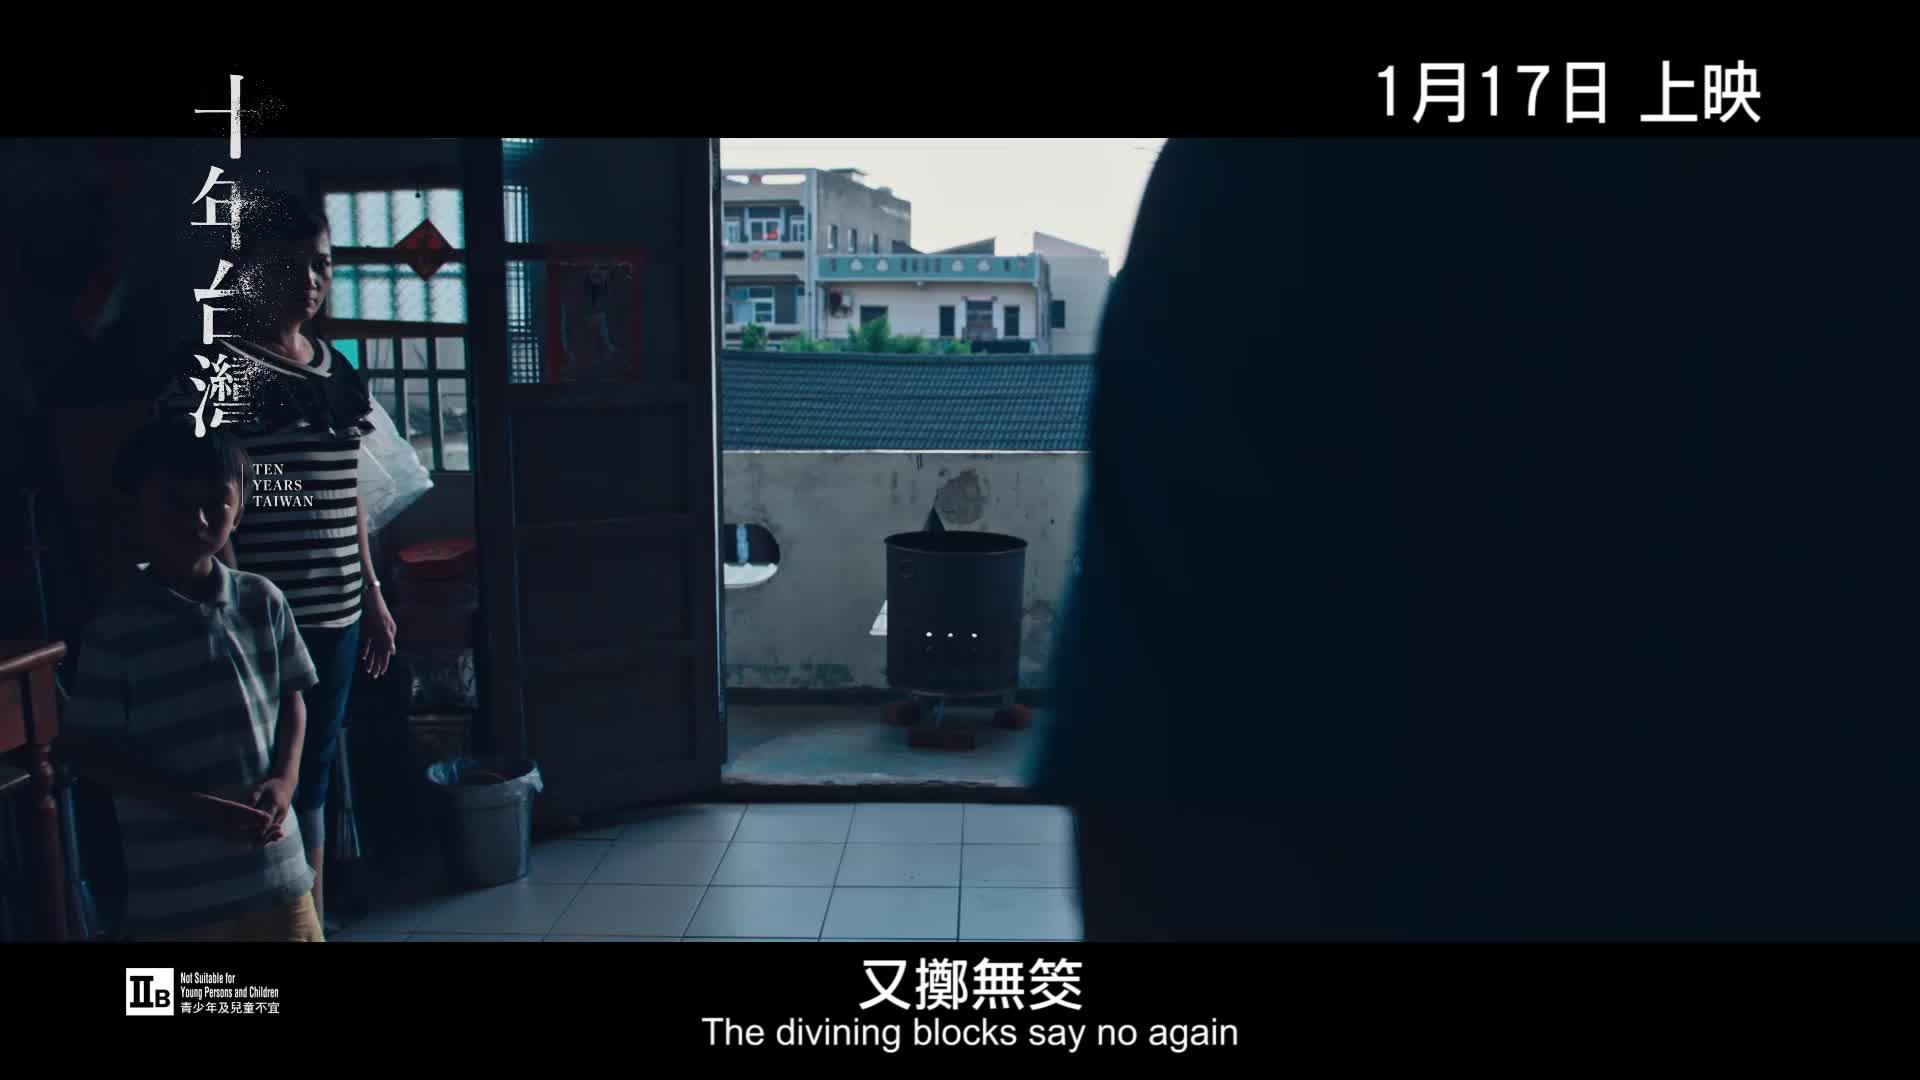 《十年台灣》中文預告